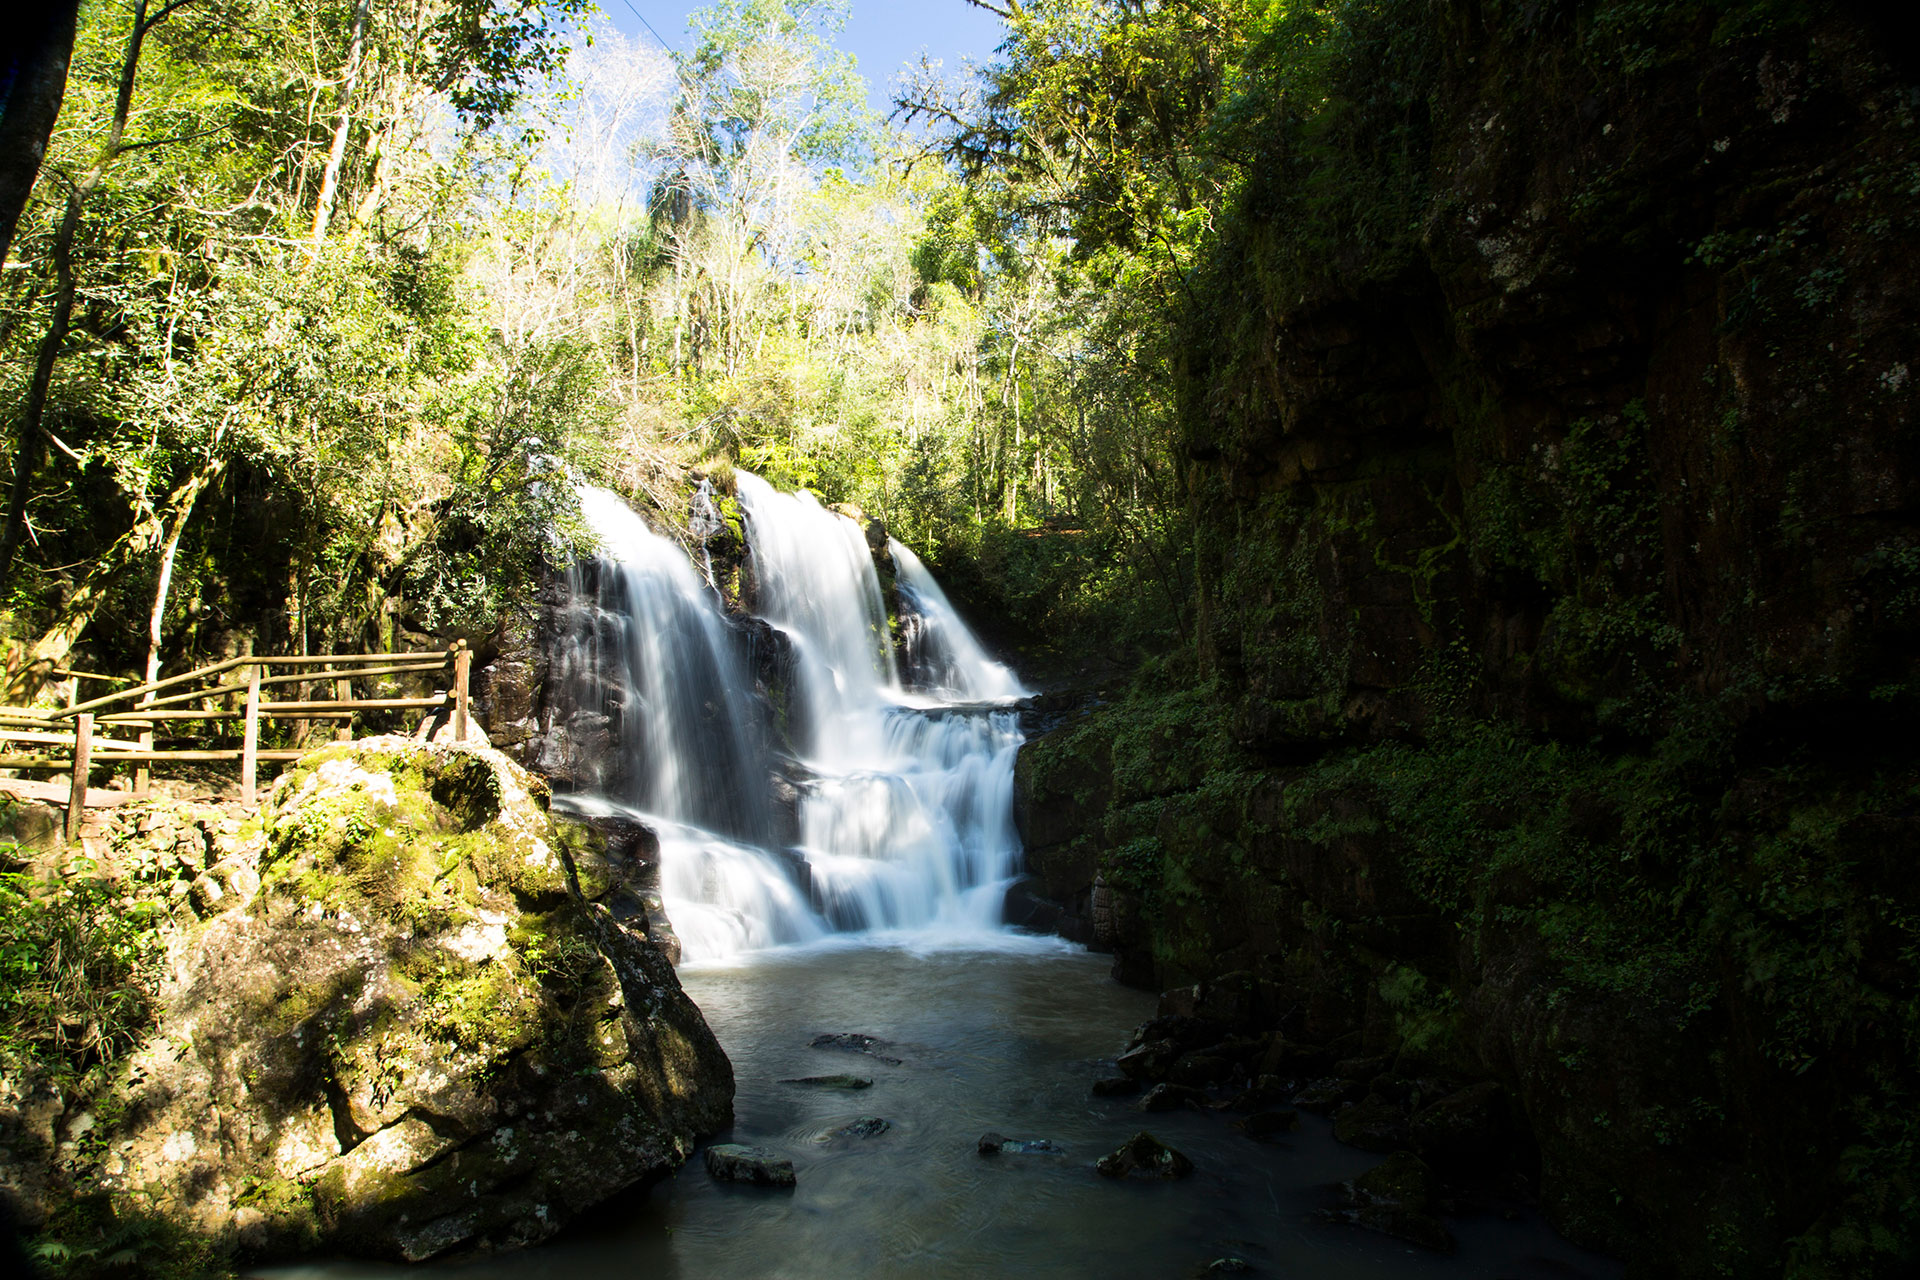 A menudo, lastravesías que se llevan a cabo en la selvaparanaense, la ecorregión que se extiende desde la Serra do Mar, en la costa brasileña, hasta el Este del Paraguay y casi toda la Provincia de Misiones, culminan en los deslumbrantes saltos desus arroyos